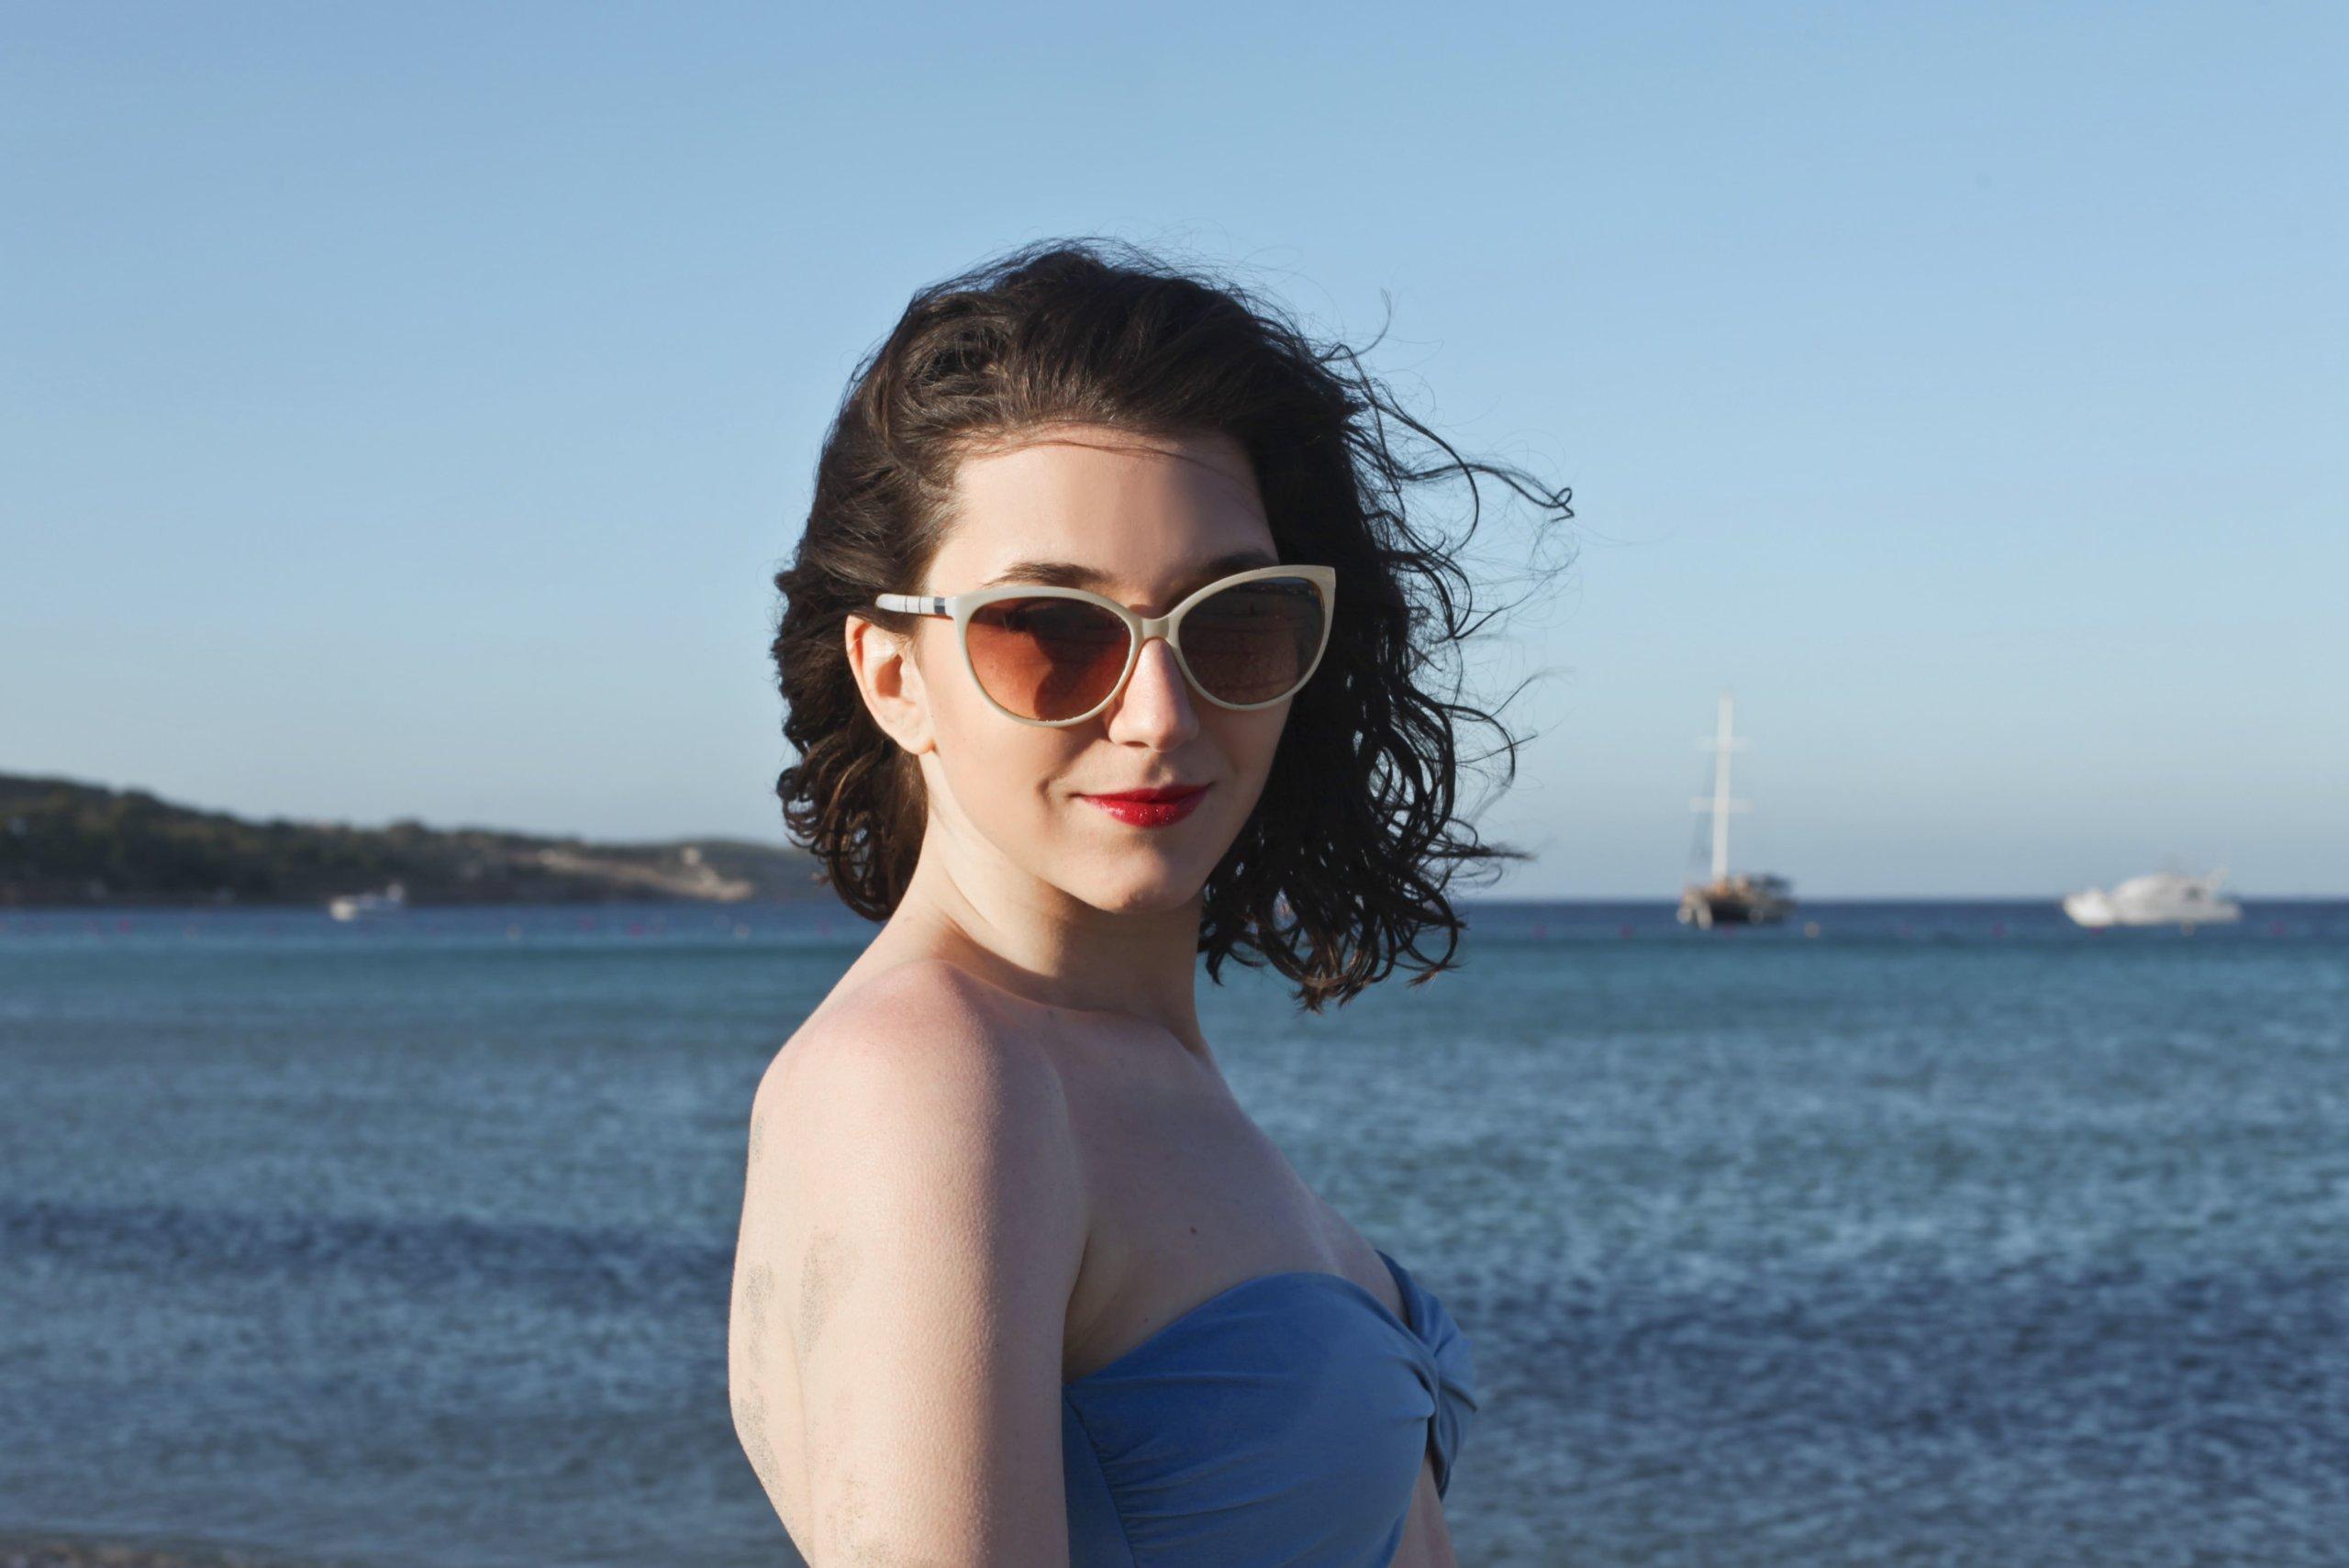 海にいる可愛い女性